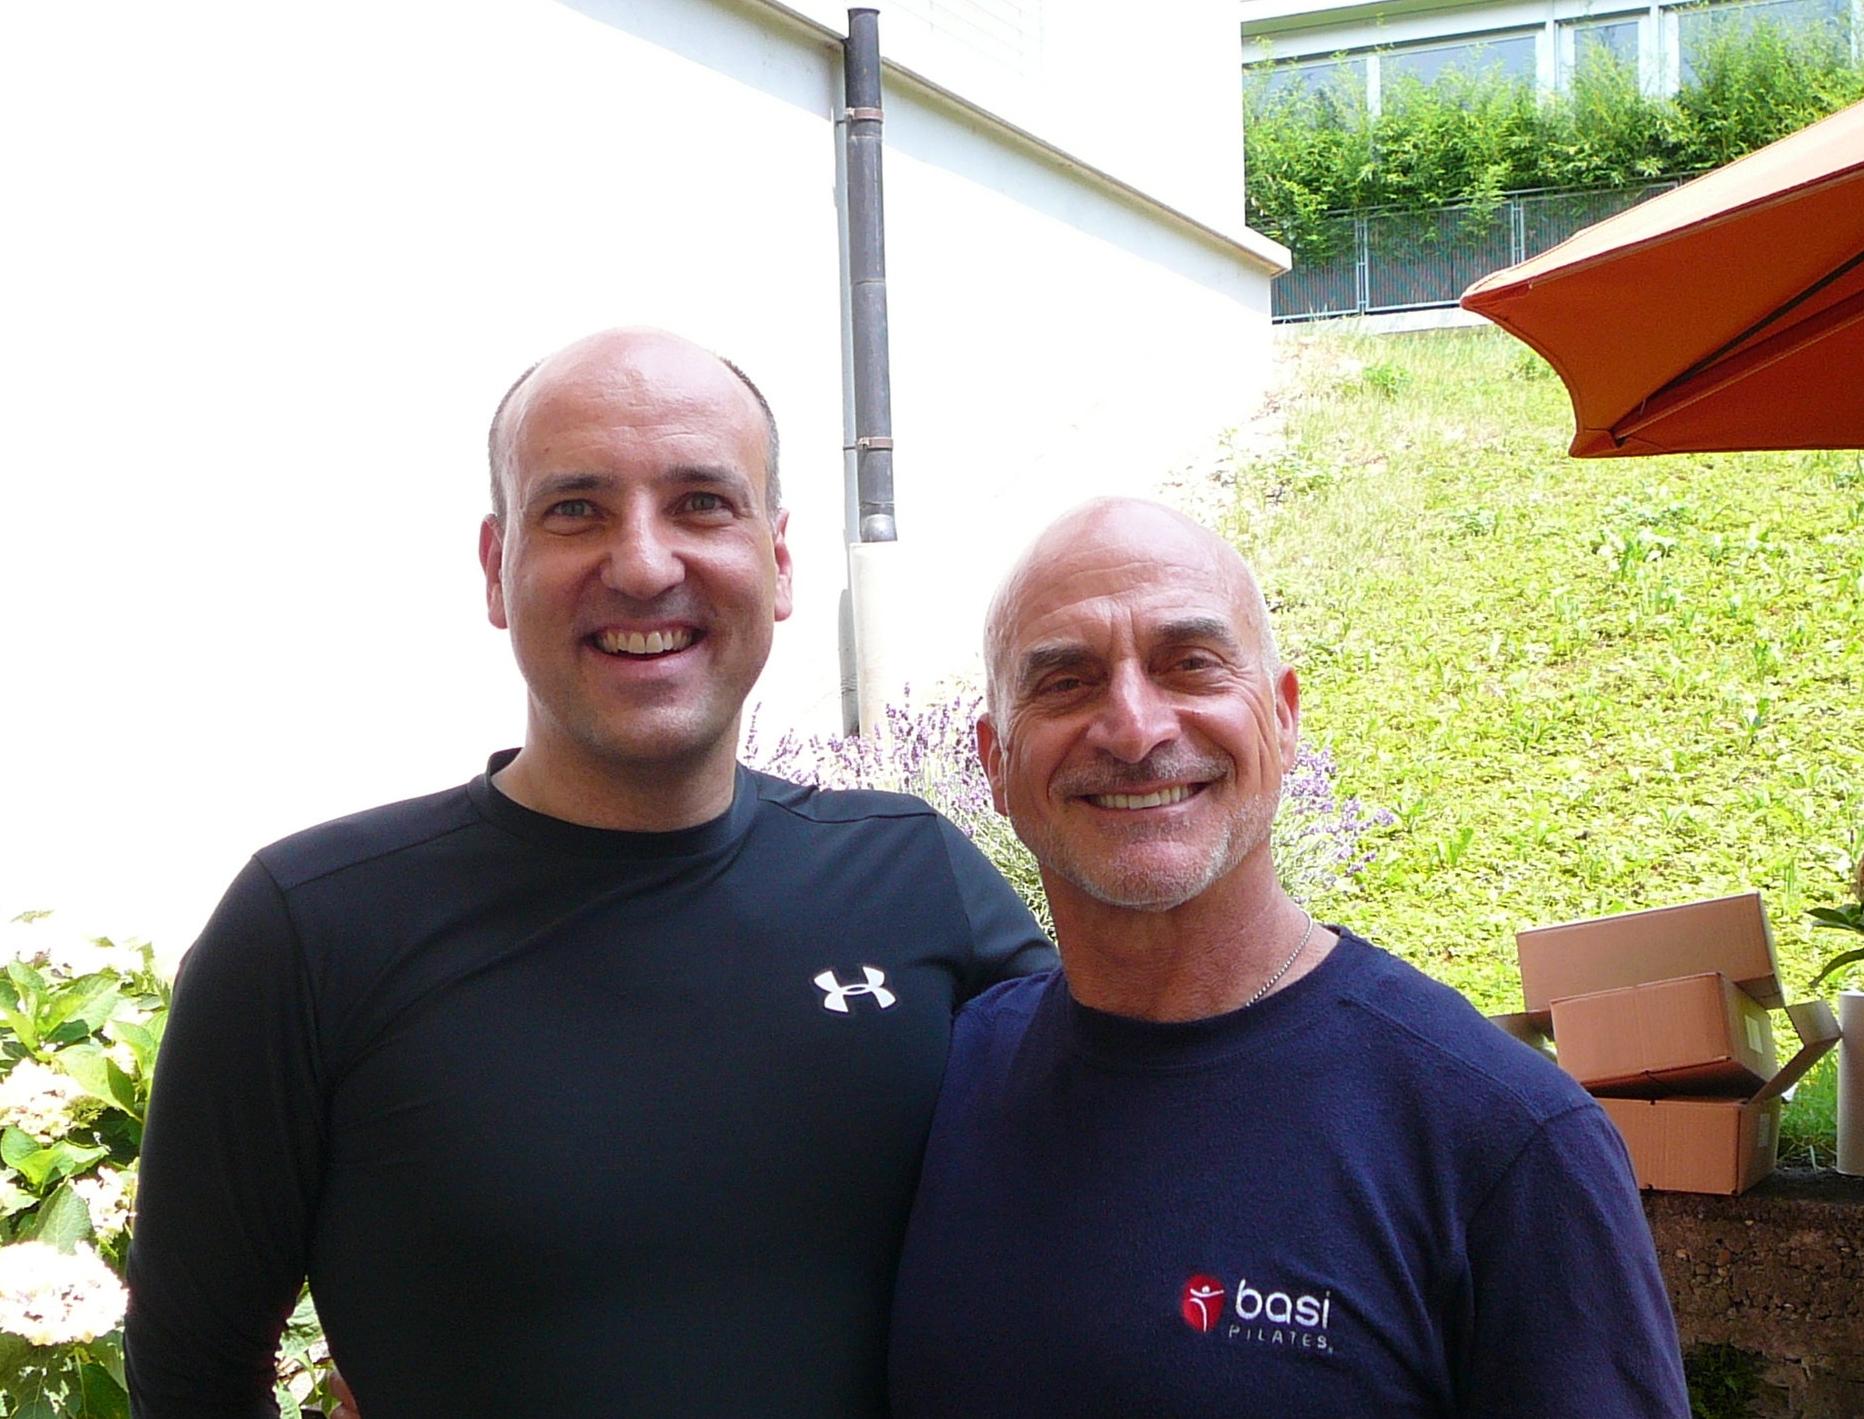 Reiner Grootenhuis und Rael Isacowitz während des Seminars auf der Terasse